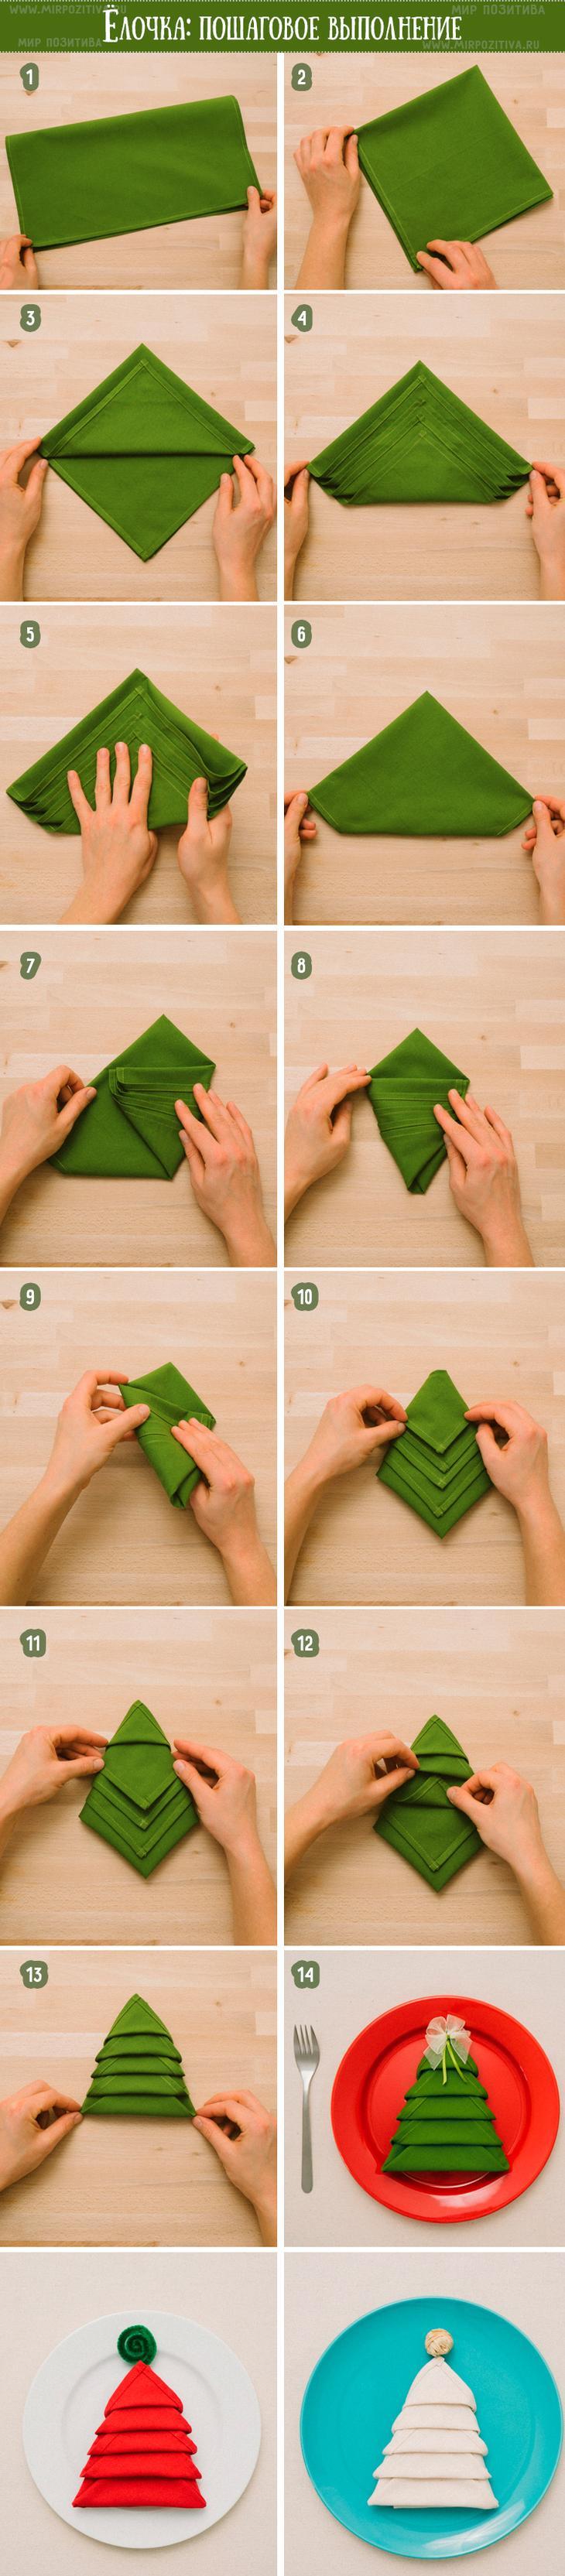 Как сделать ёлочку из салфеток своими руками фото